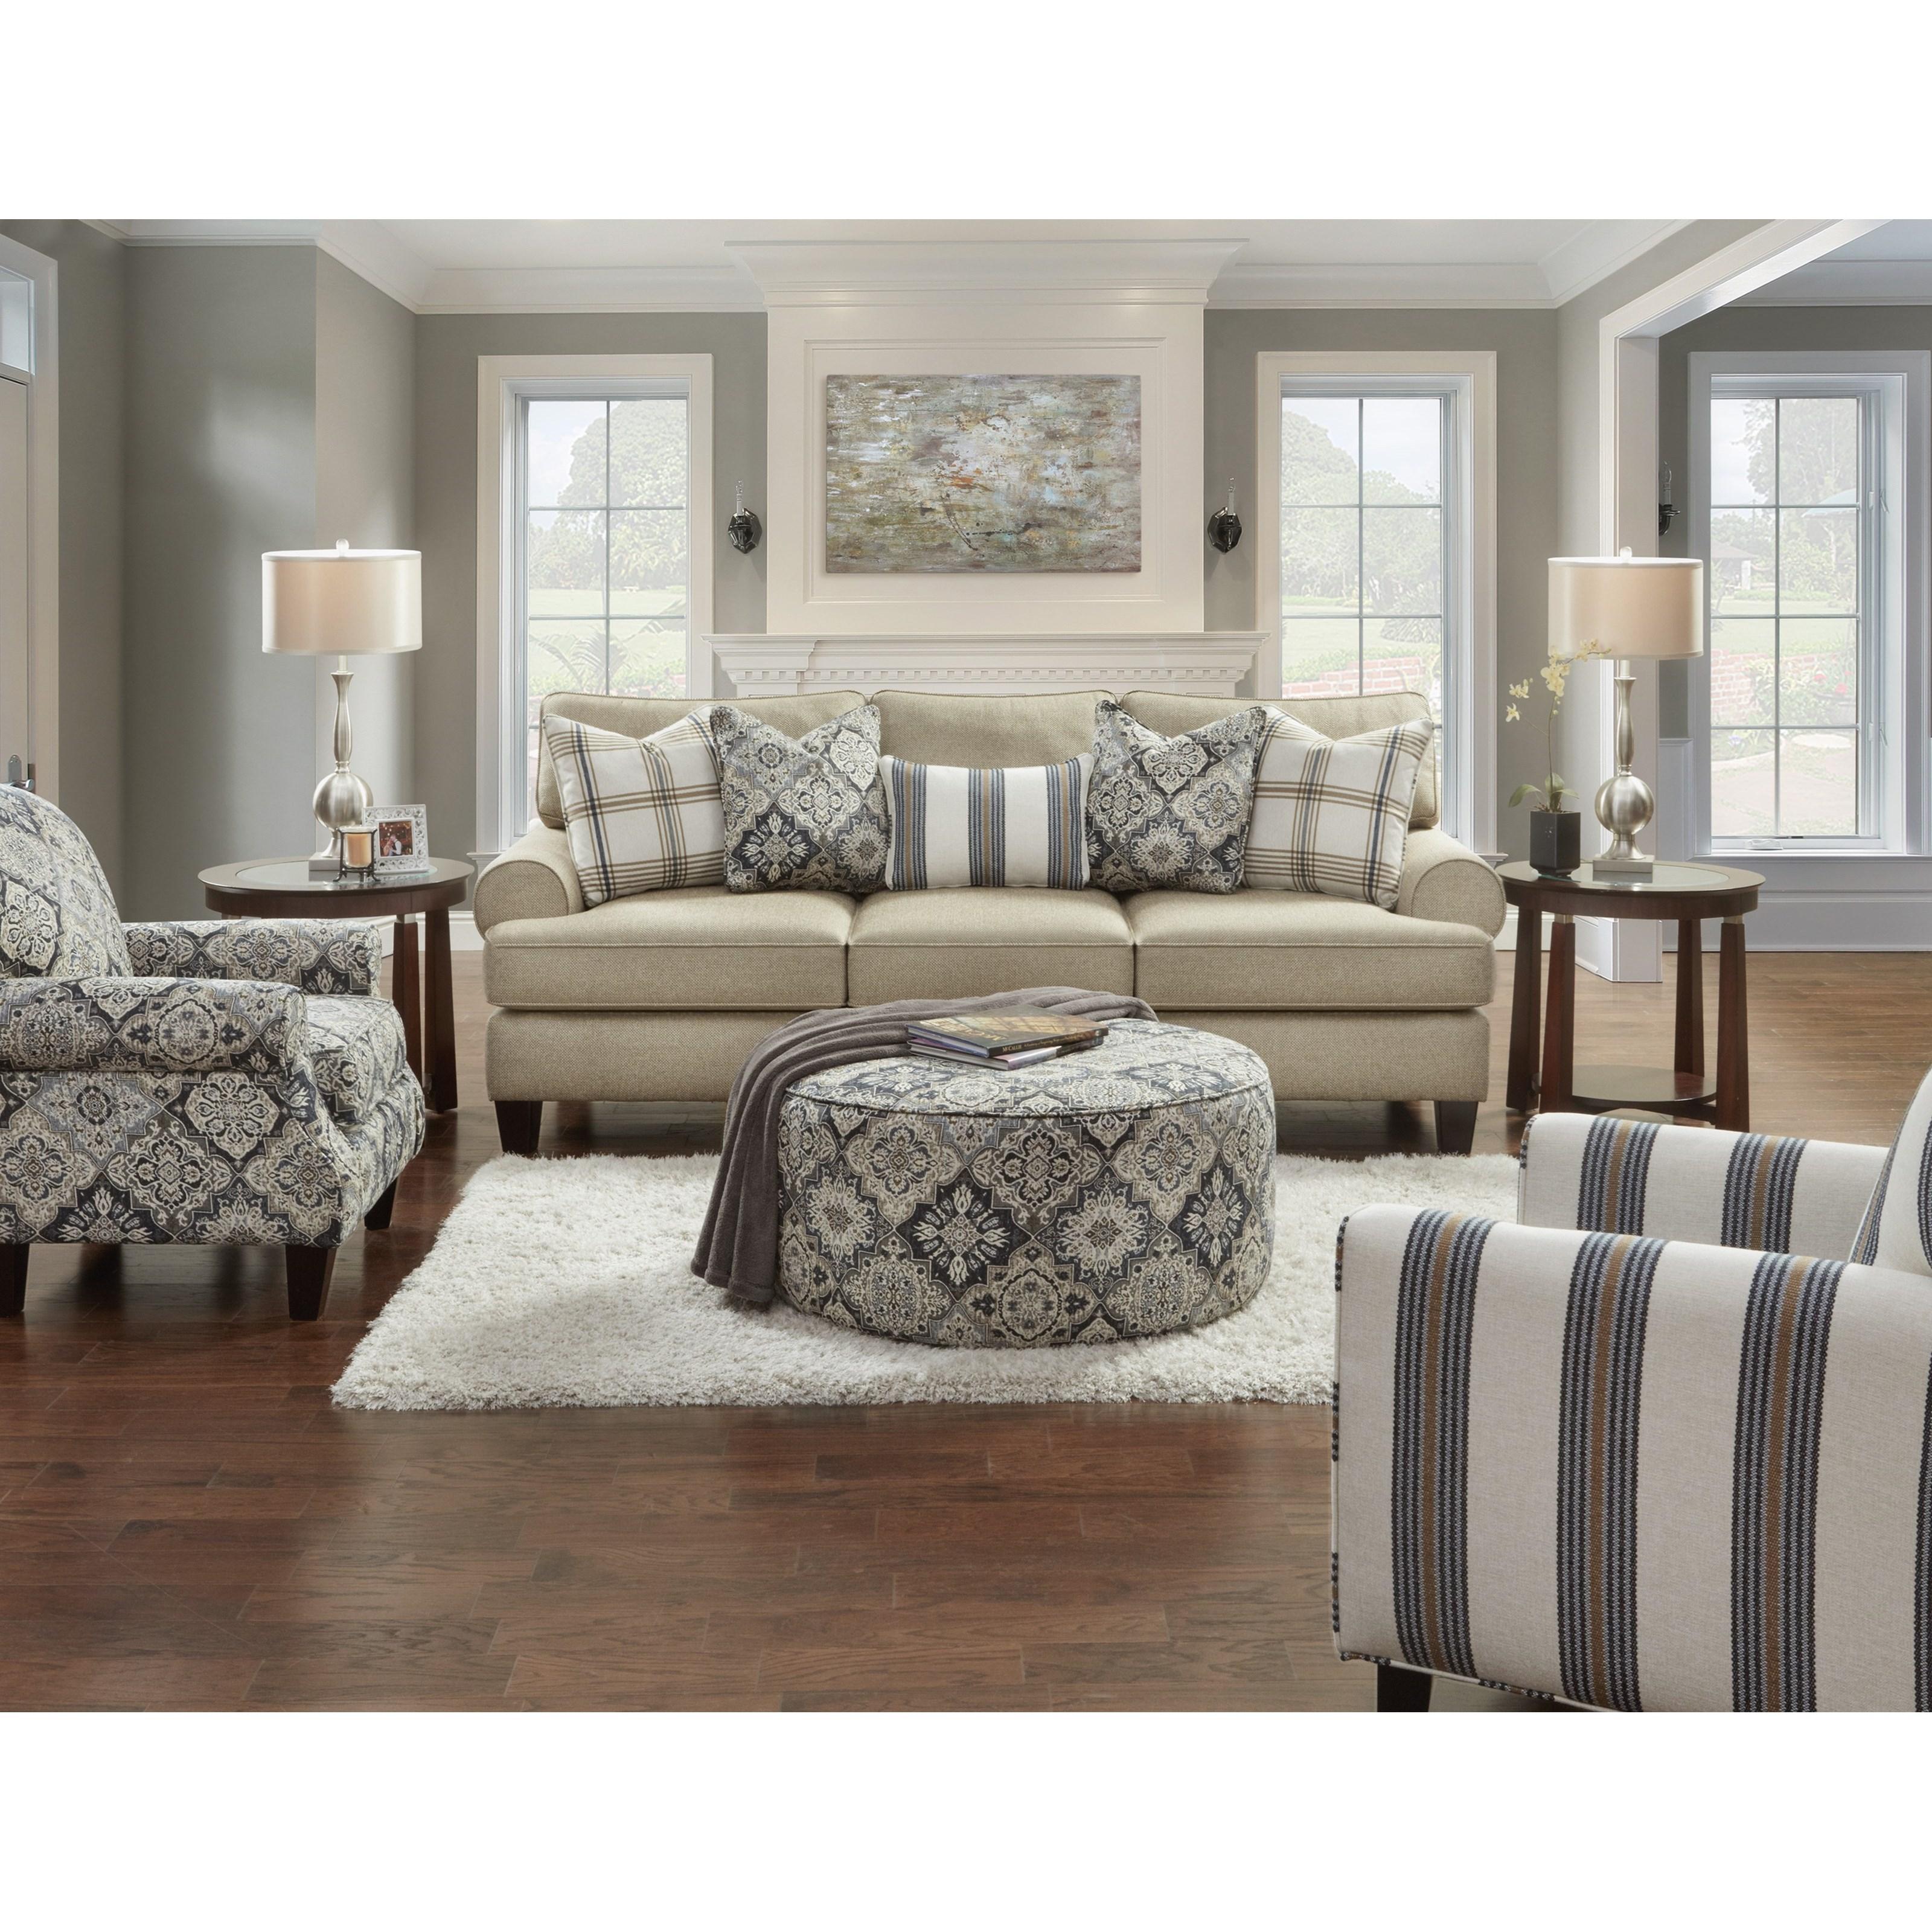 Fusion Furniture 4200Sofa; Fusion Furniture 4200Sofa